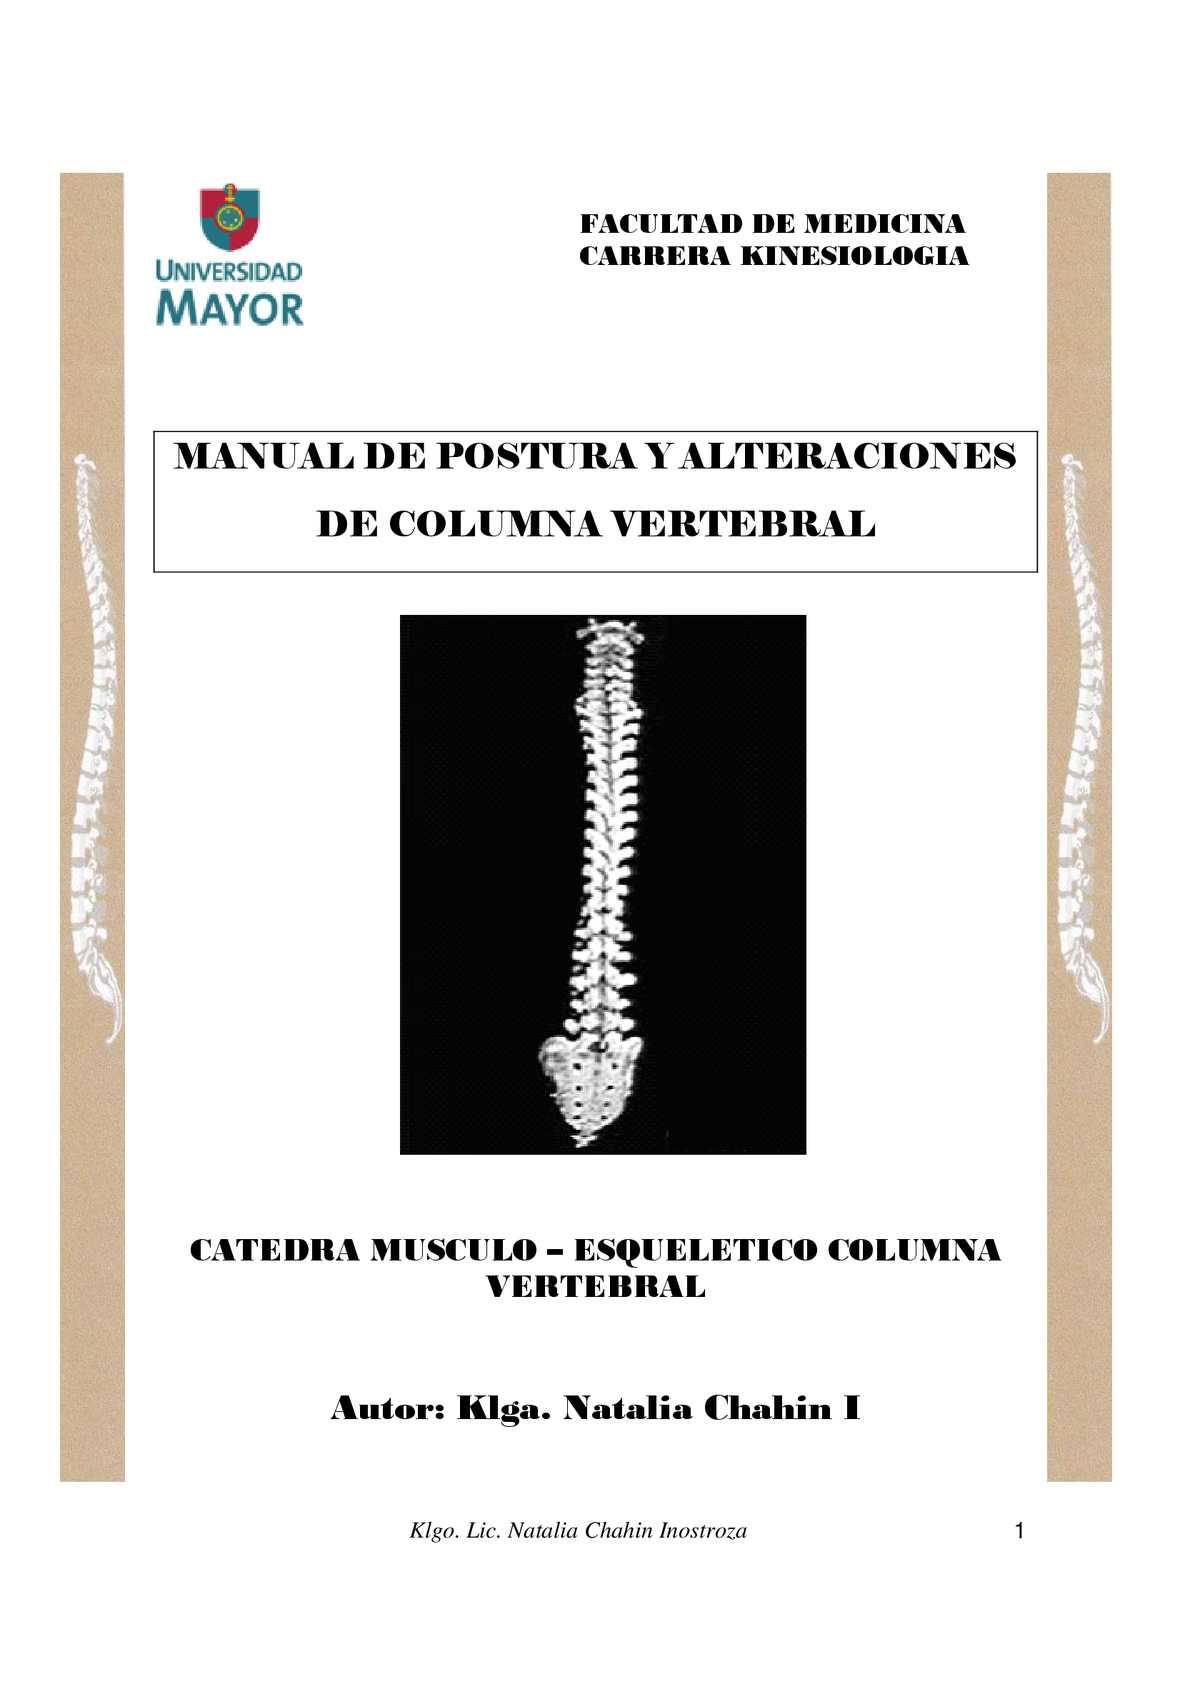 Calaméo - Manual de postura y alteraciones de columna vertebral